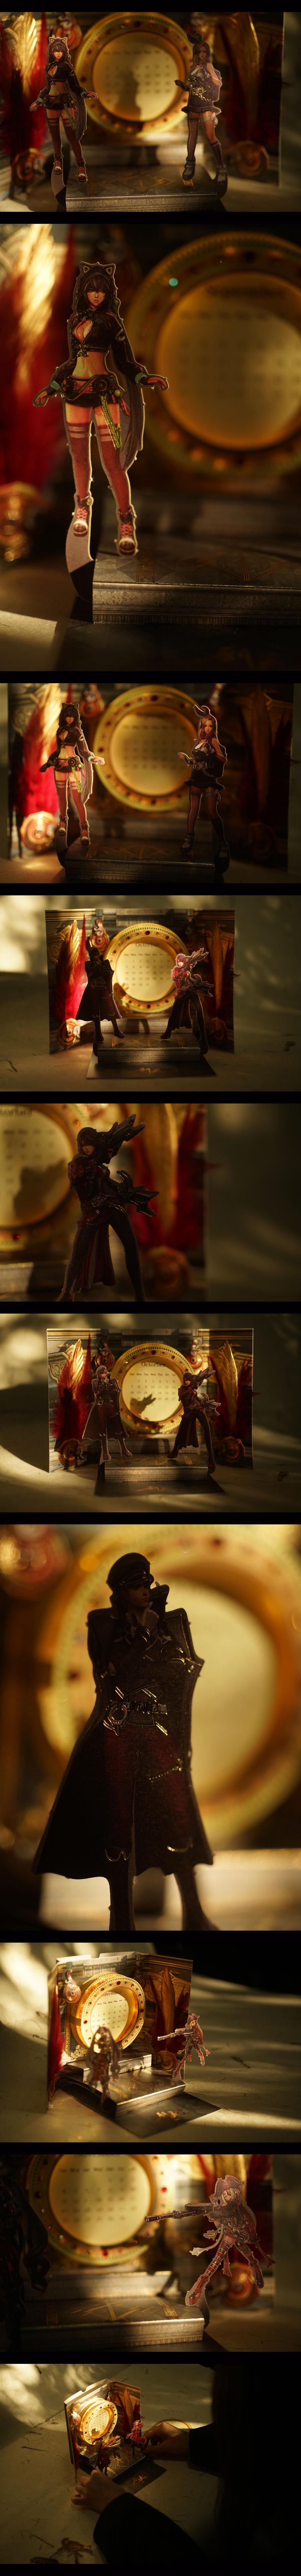 查看《腾讯剑灵游戏2018立体情境日历 — 福禄寿禧来》原图,原图尺寸:900x7699